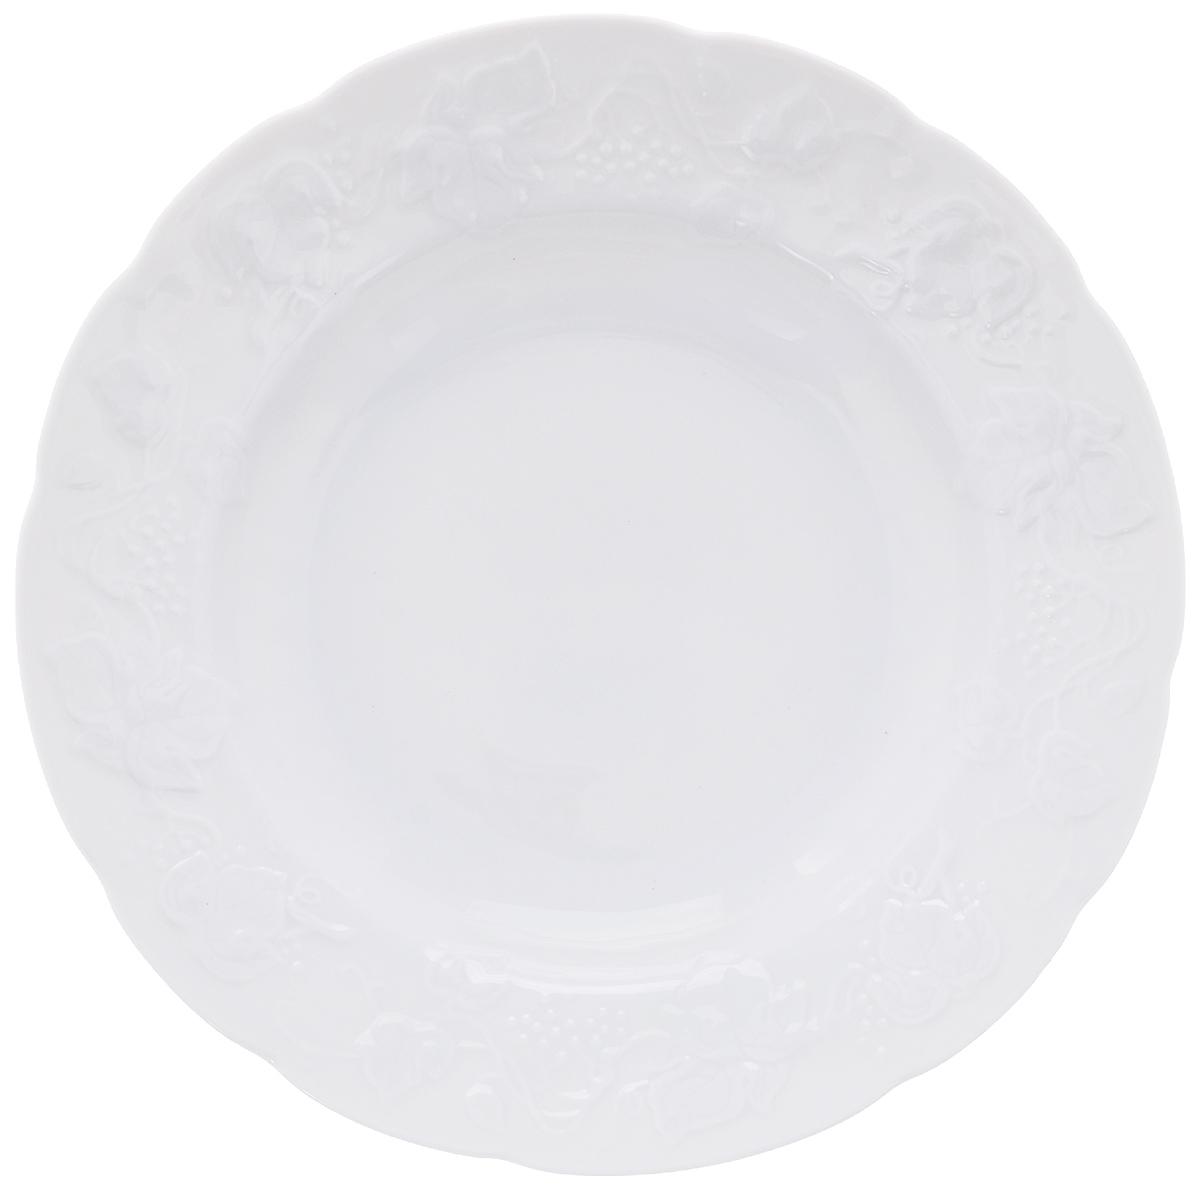 Тарелка глубокая La Rose Des Sables Vendanges, цвет: белый, диаметр 22 см690222Тарелка La Rose Des Sables Vendanges, выполненная из высококачественного фарфора, декорирована рельефным изображением цветов. Изящный дизайн придется по вкусу и ценителям классики, и тем, кто предпочитает утонченность. Тарелка La Rose Des Sables Vendanges идеально подойдет для сервировки стола и станет отличным подарком к любому празднику. Не рекомендуется использовать в микроволновой печи и посудомоечных машинах. Диаметр тарелки (по верхнему краю): 22 см. Высота стенки: 3,5 см.